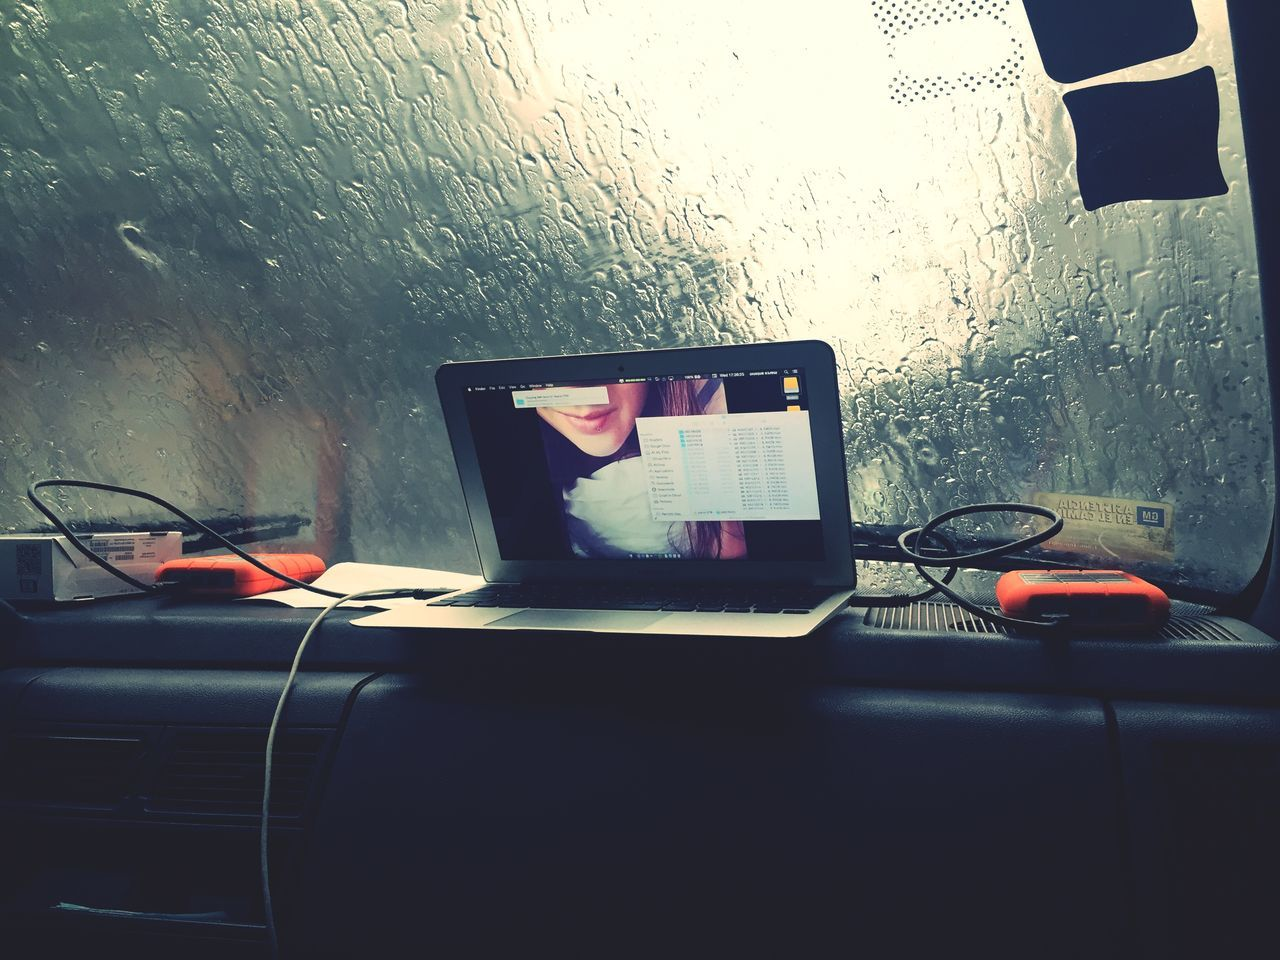 Rain Dias De Lluvia Data Manager Mac Book Air Lacie Working